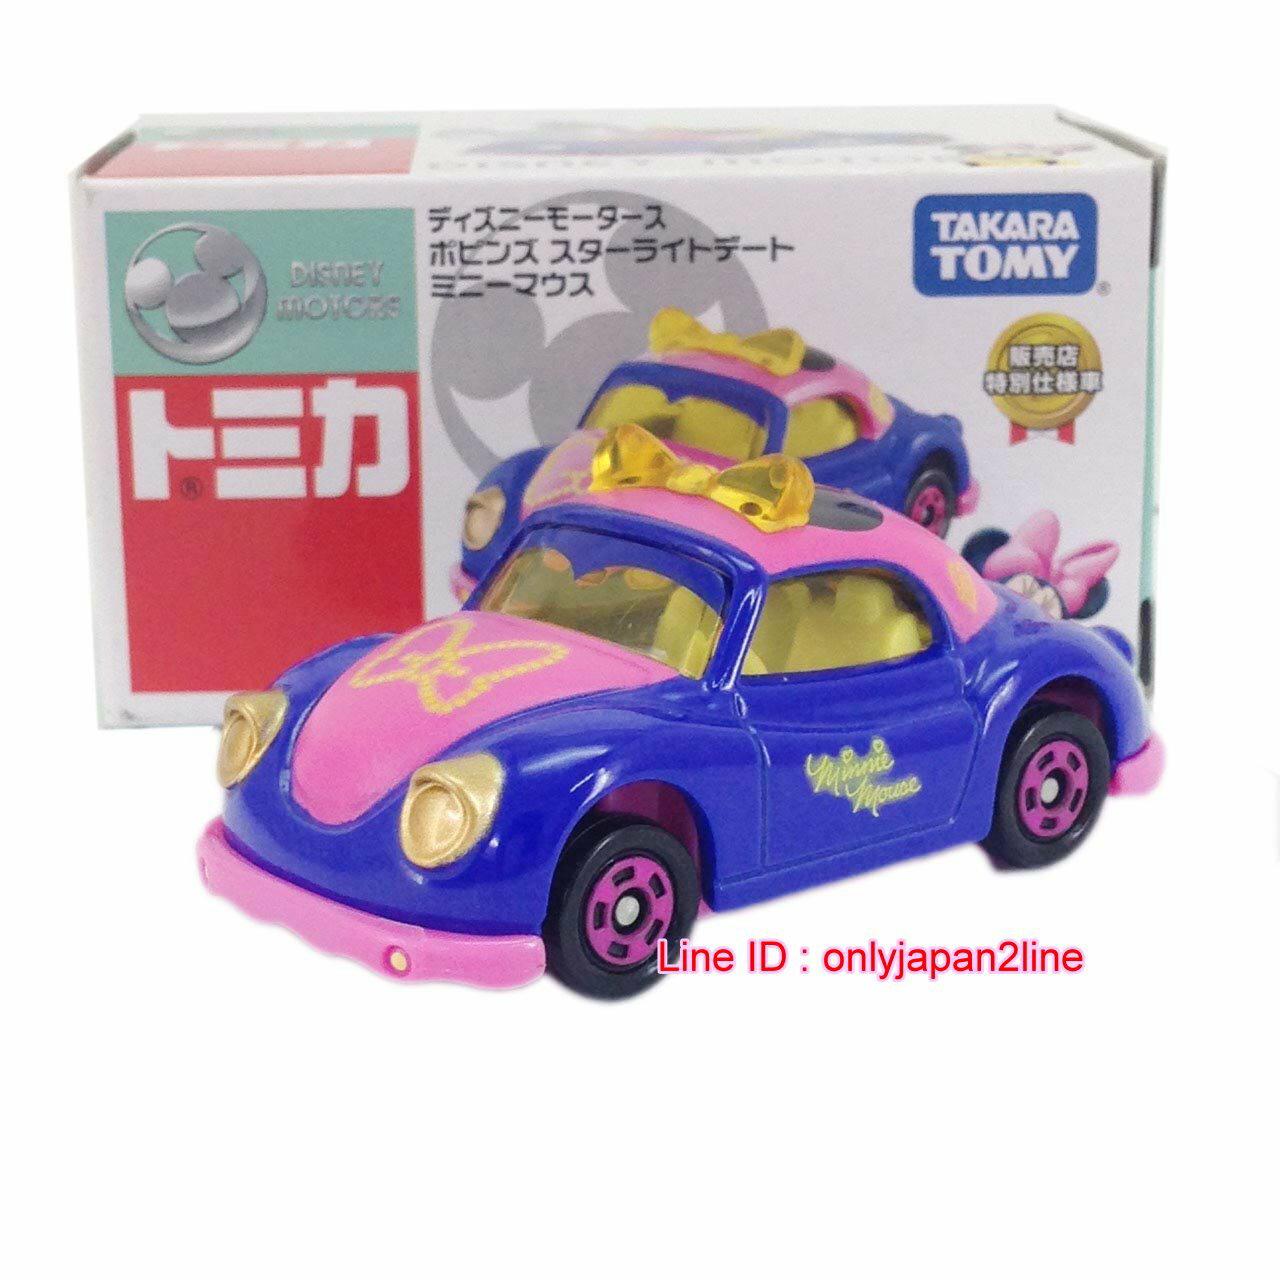 【真愛日本】16101900003 TOMY特別仕樣車-萬聖節米妮  迪士尼 米老鼠米奇 米妮    多美小汽車 萬聖節限定款